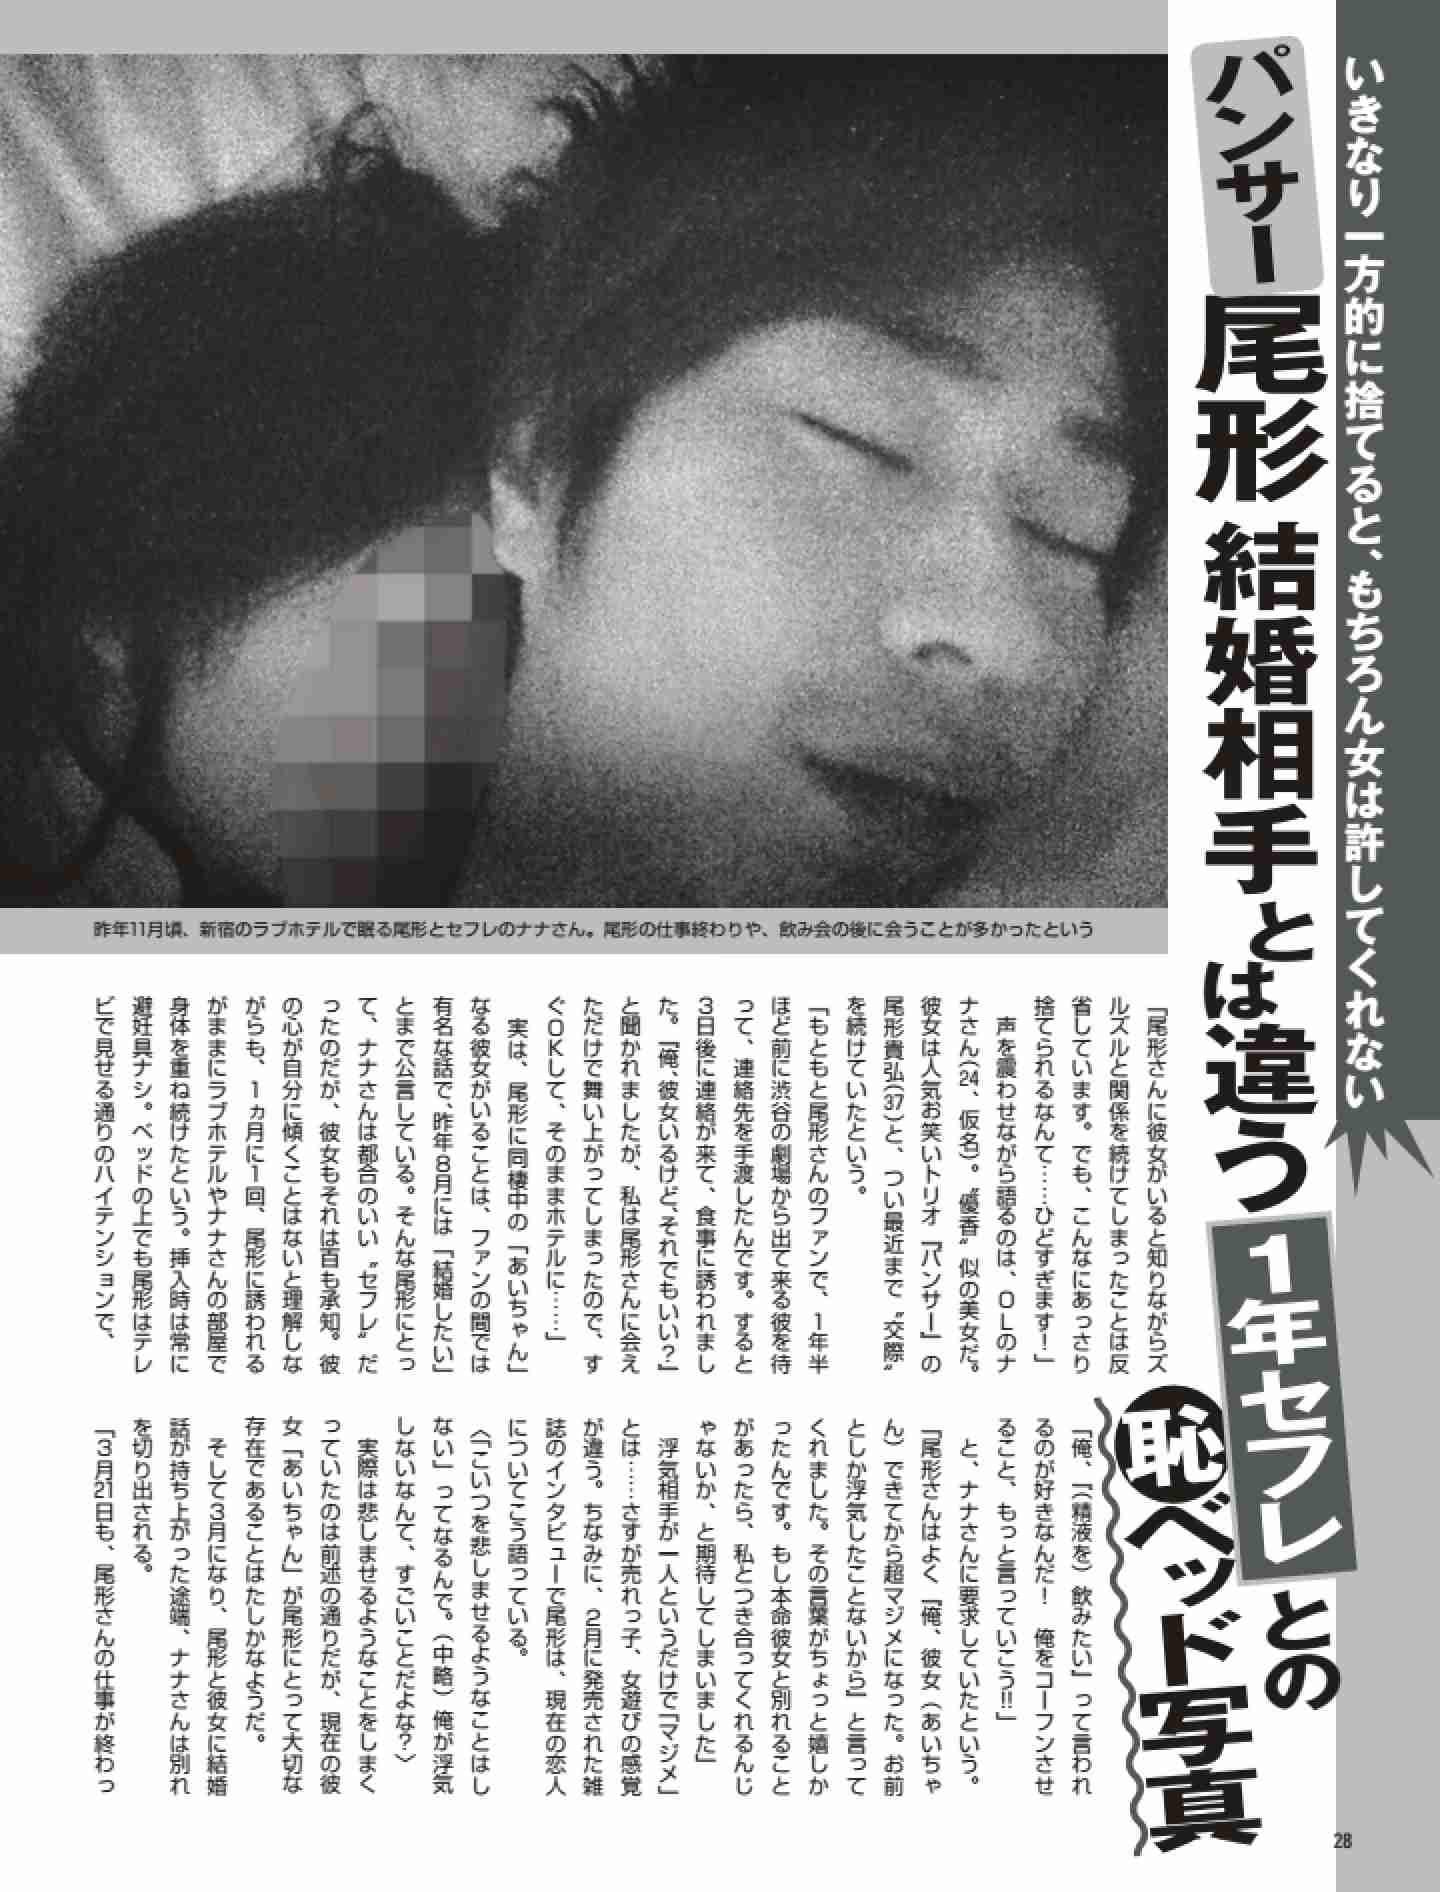 【画像】パンサーの尾形貴弘 交際相手と別の女性とのベッド写真がFRIDAYに掲載